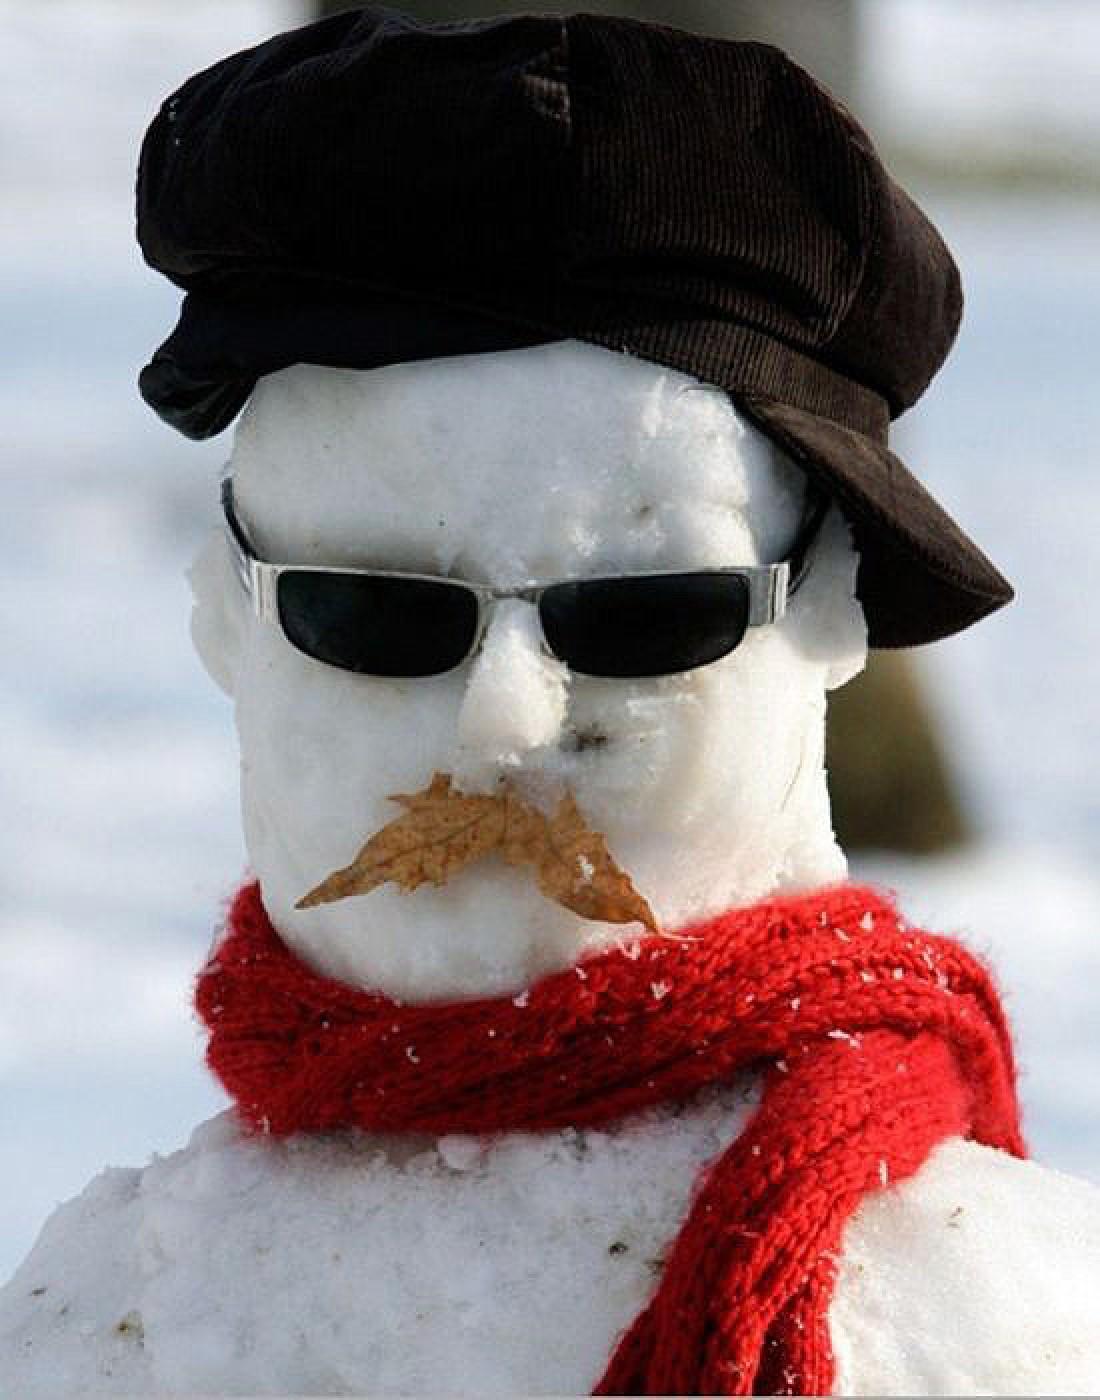 Снеговик Джейми. Принарядили перед его мучительной кончиной